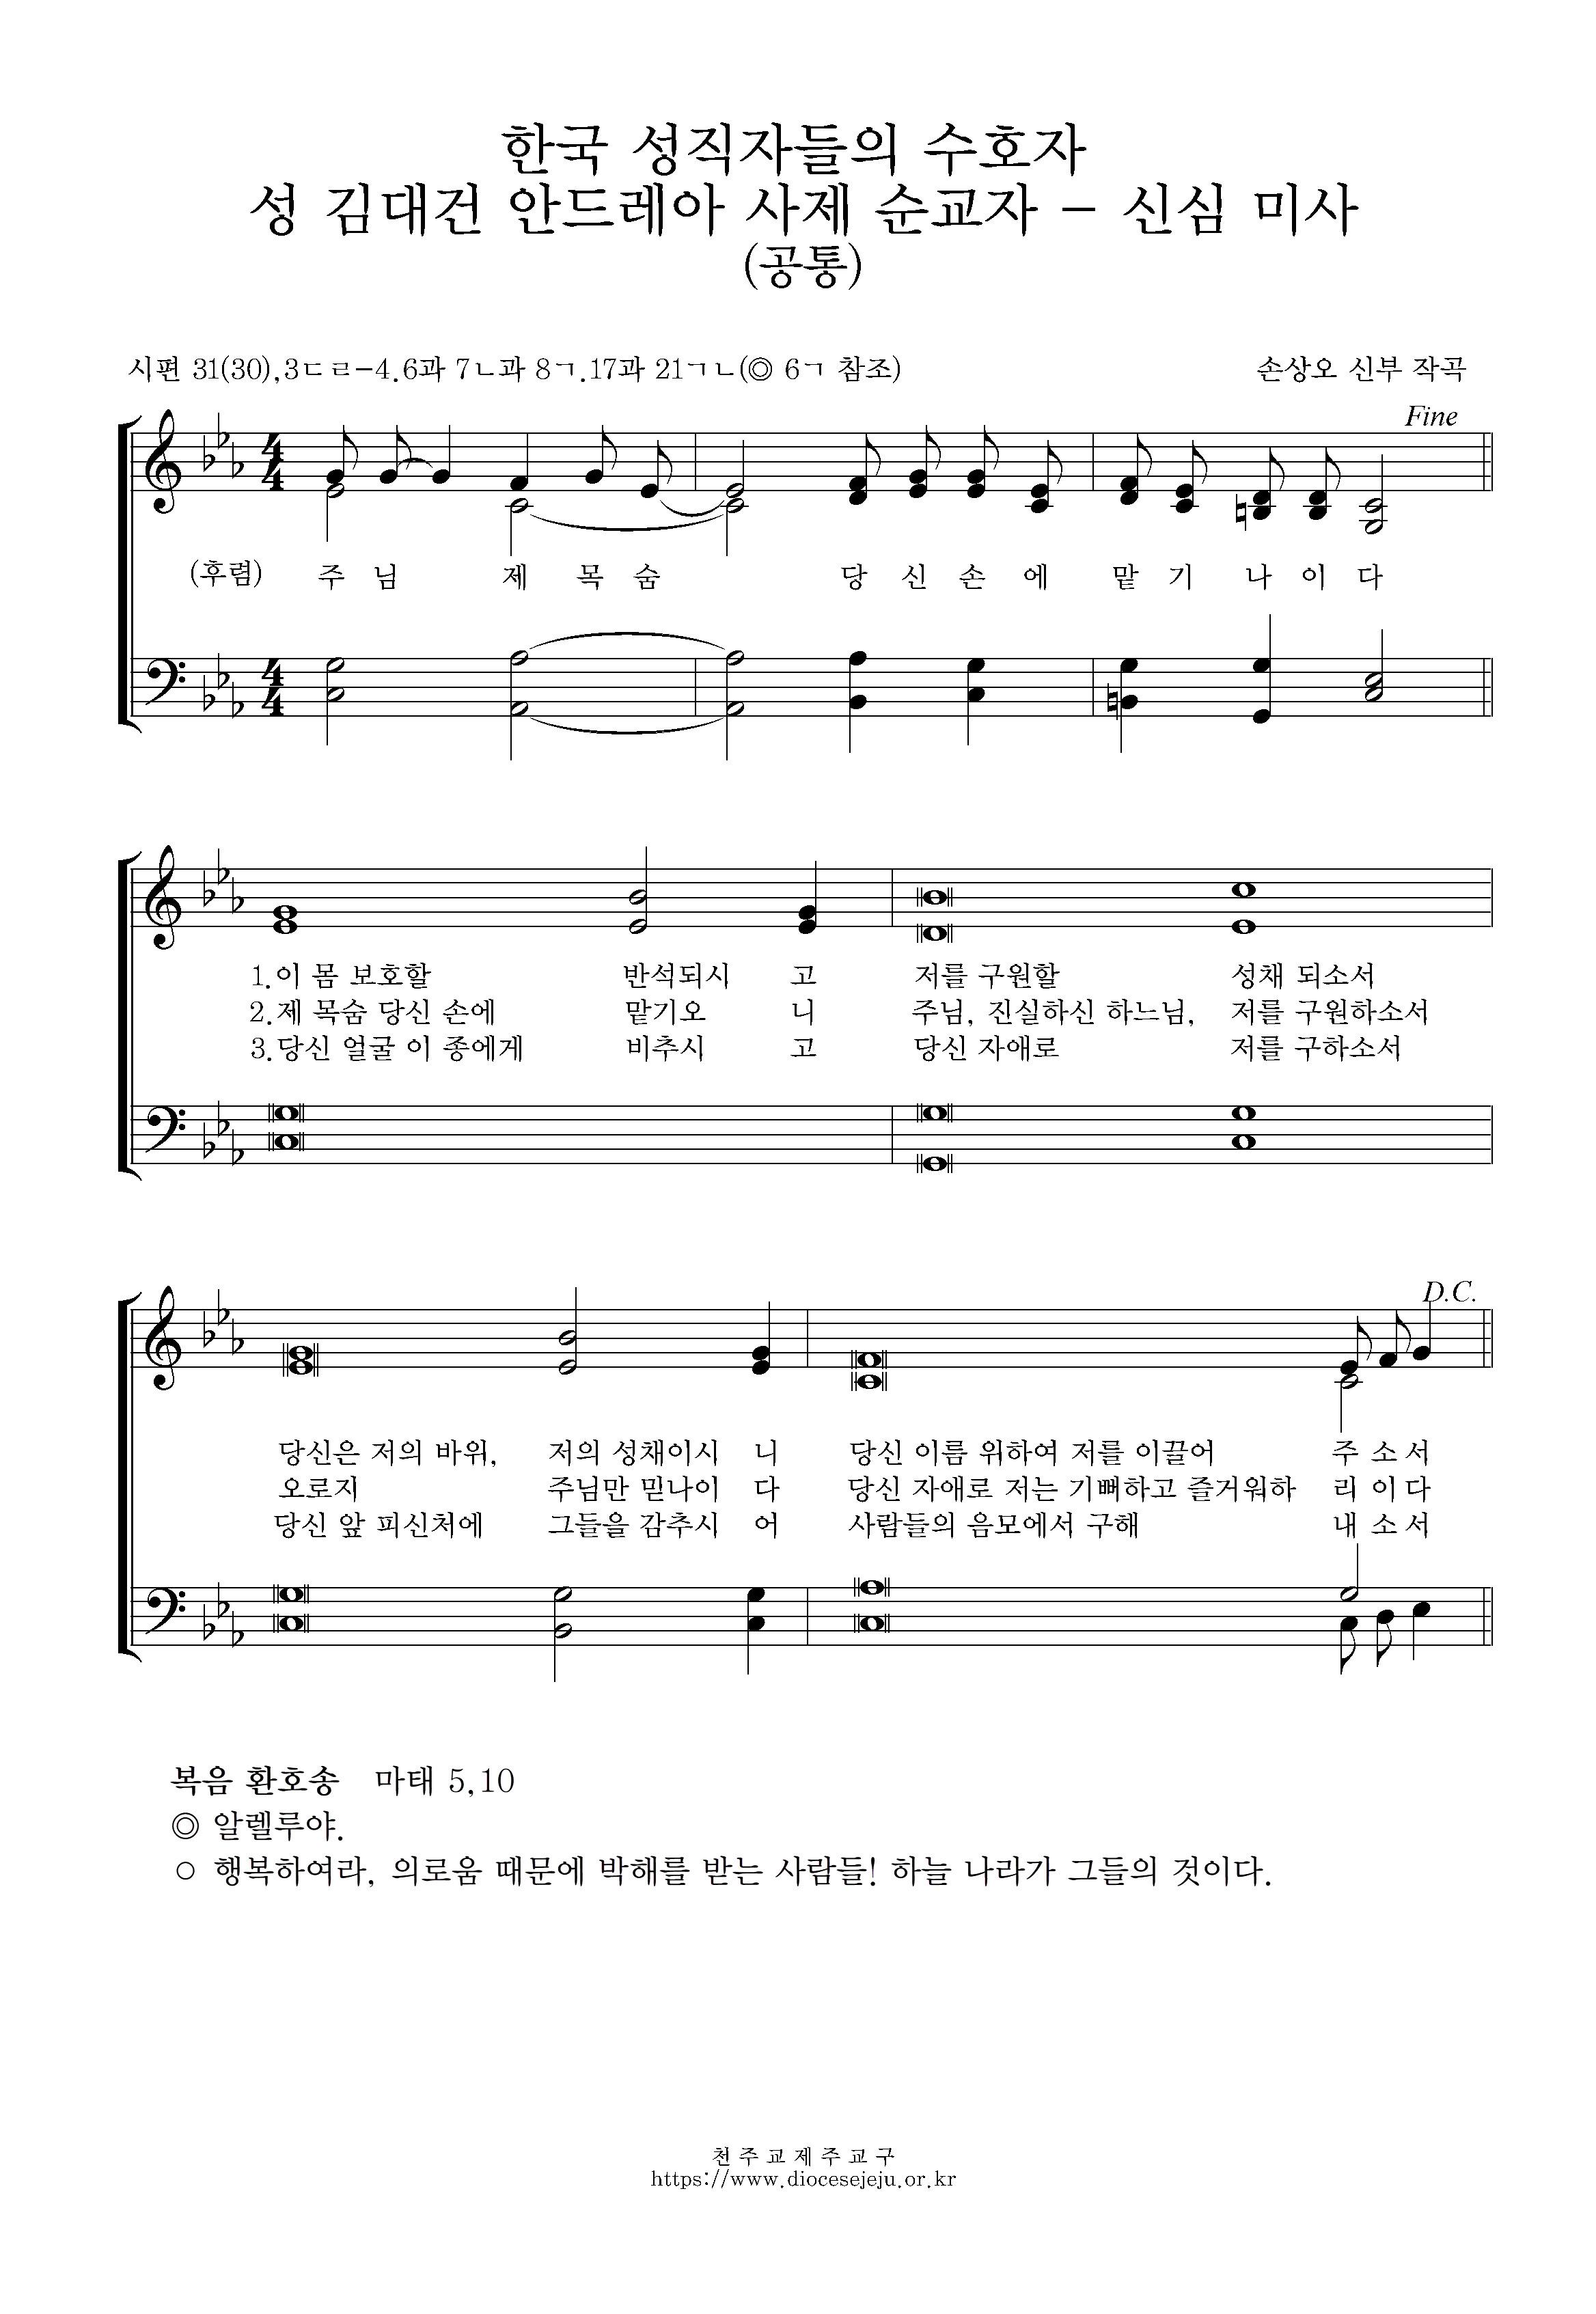 20210705-한국 성직자들의 수호자 성 김대건 안드레아 사제 순교자 - 신심 미사.jpg